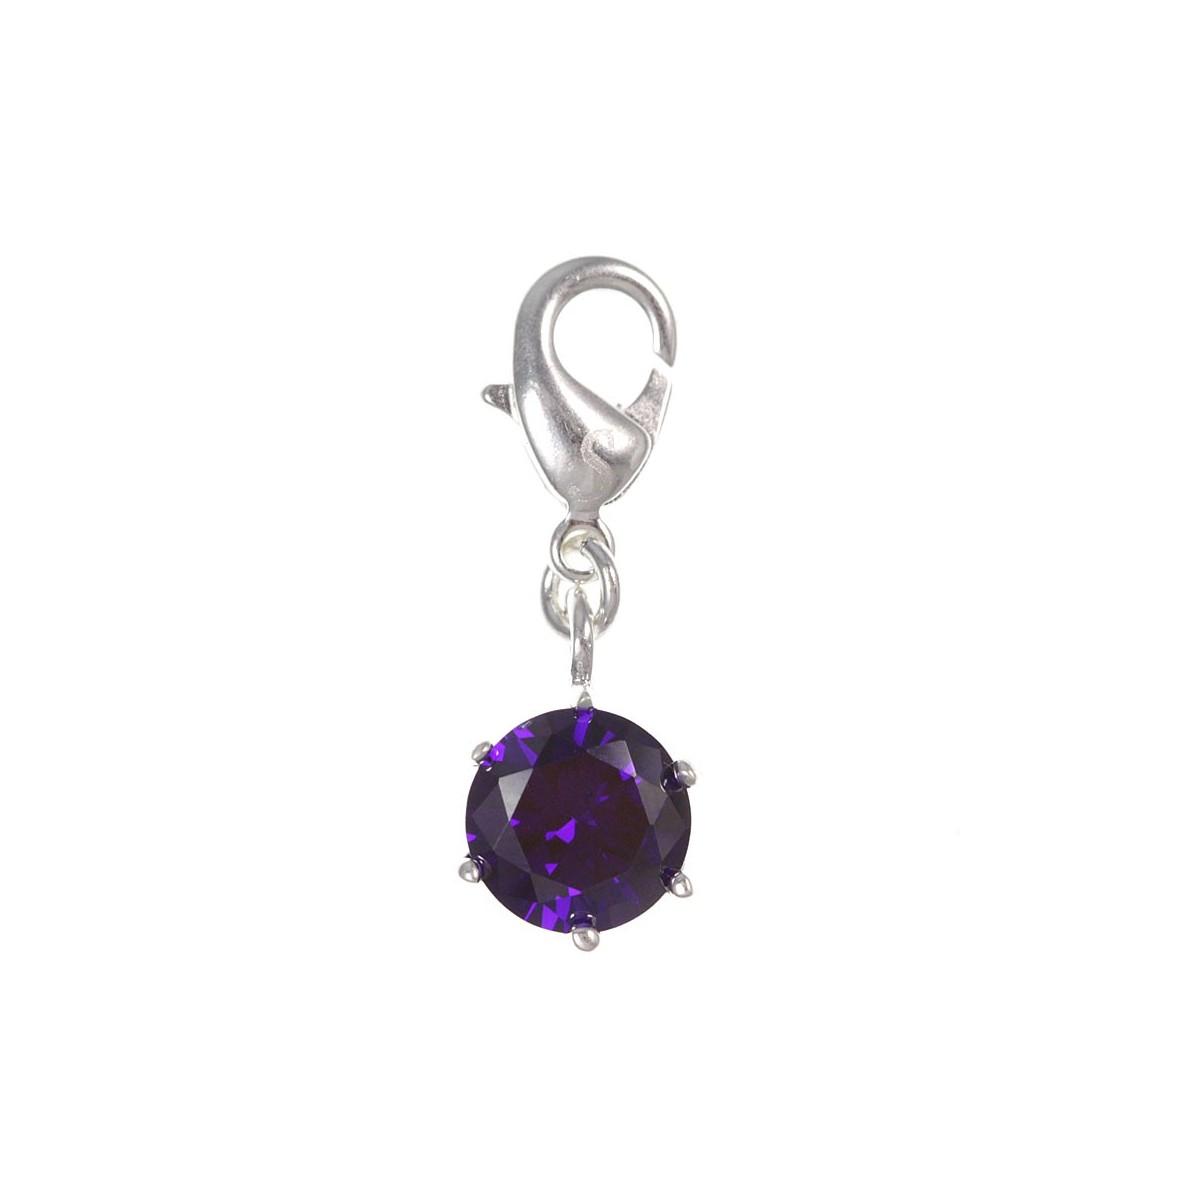 Charm cristal violet So Charm plaqué argent 3 microns